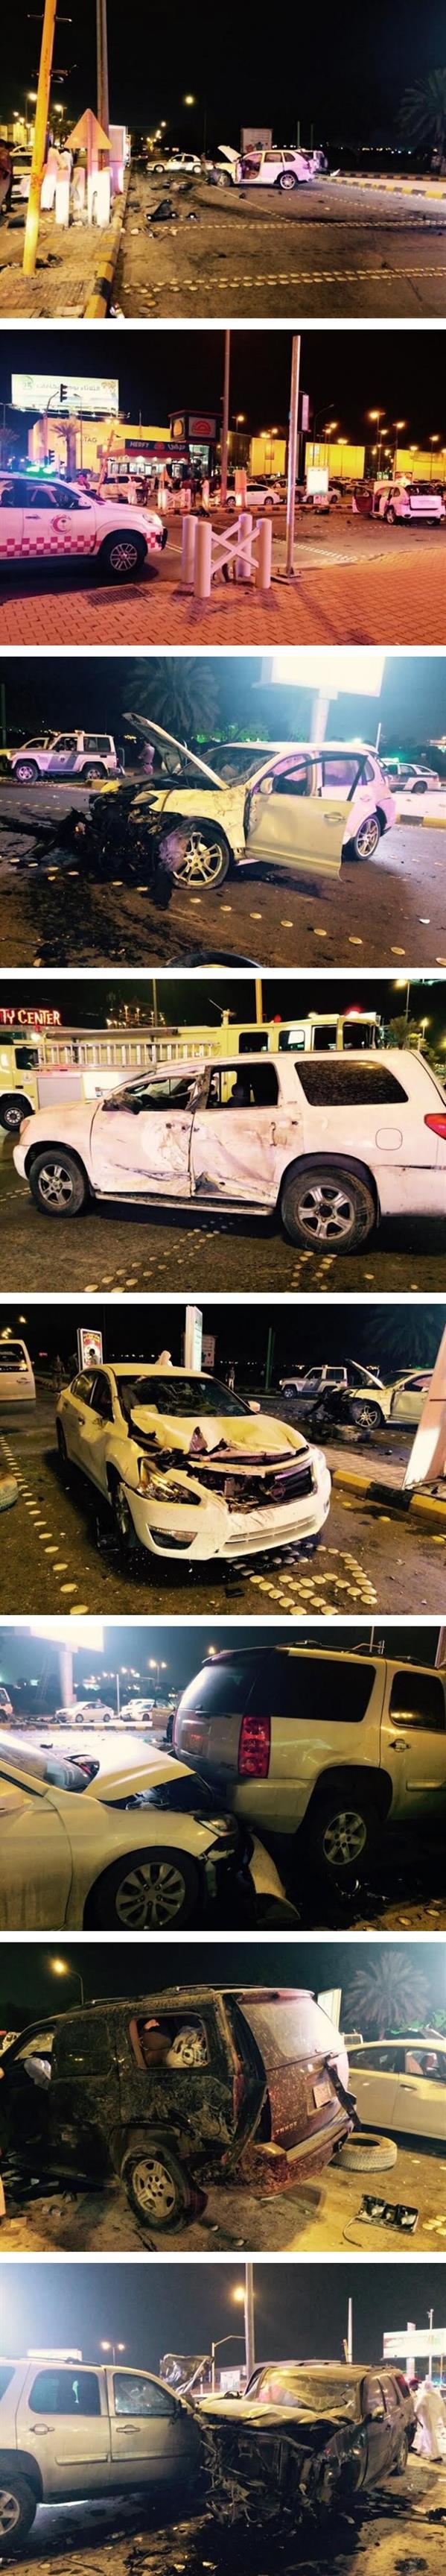 تصادم جماعي لسبع سيارات يصيب ثمانية أشخاص